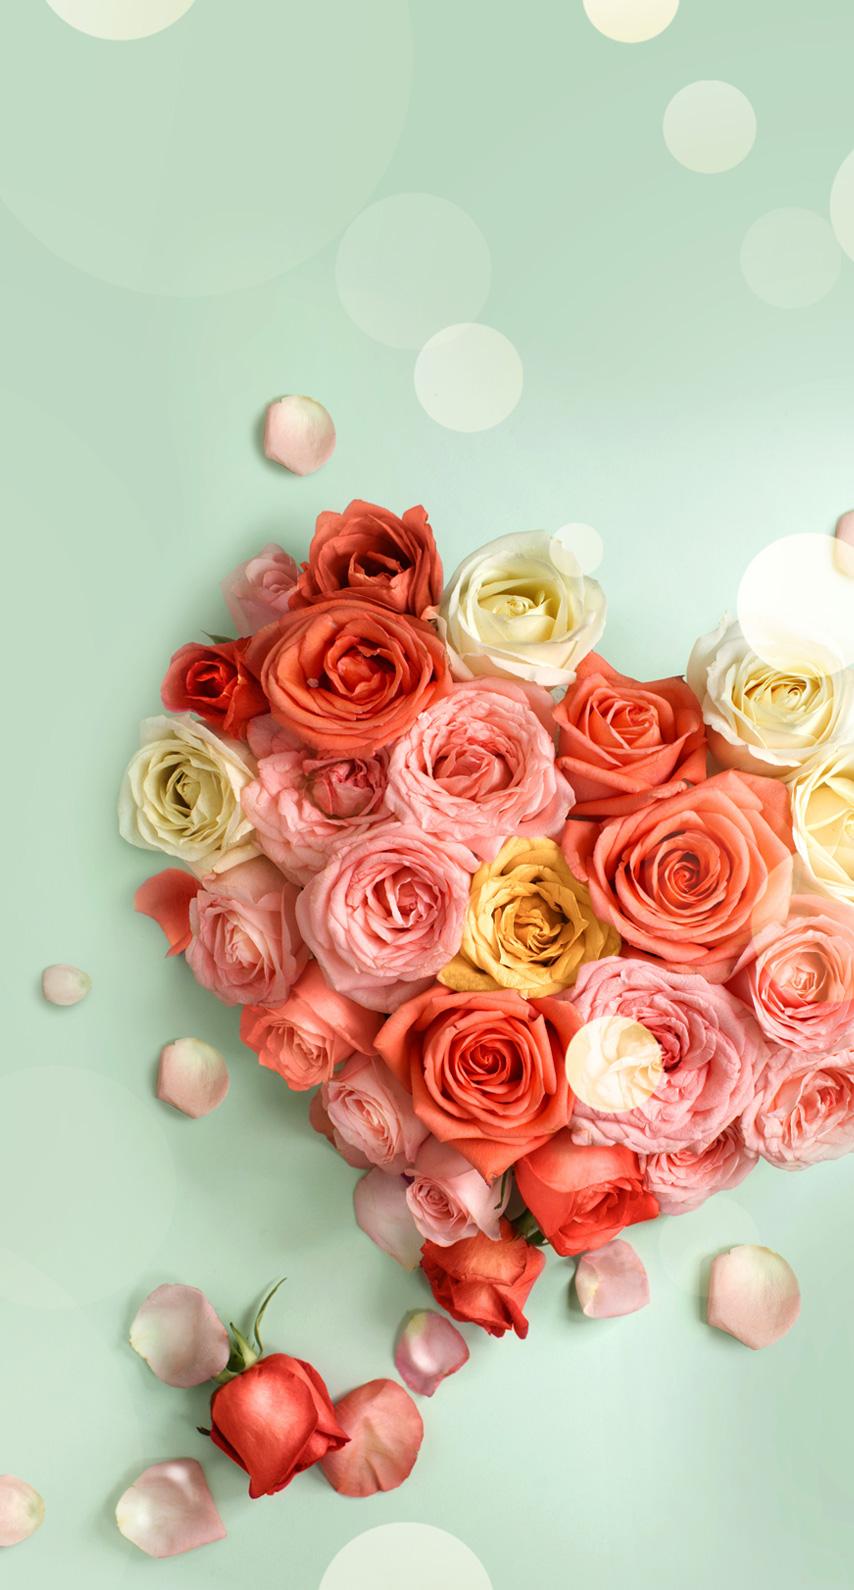 flowers, heart